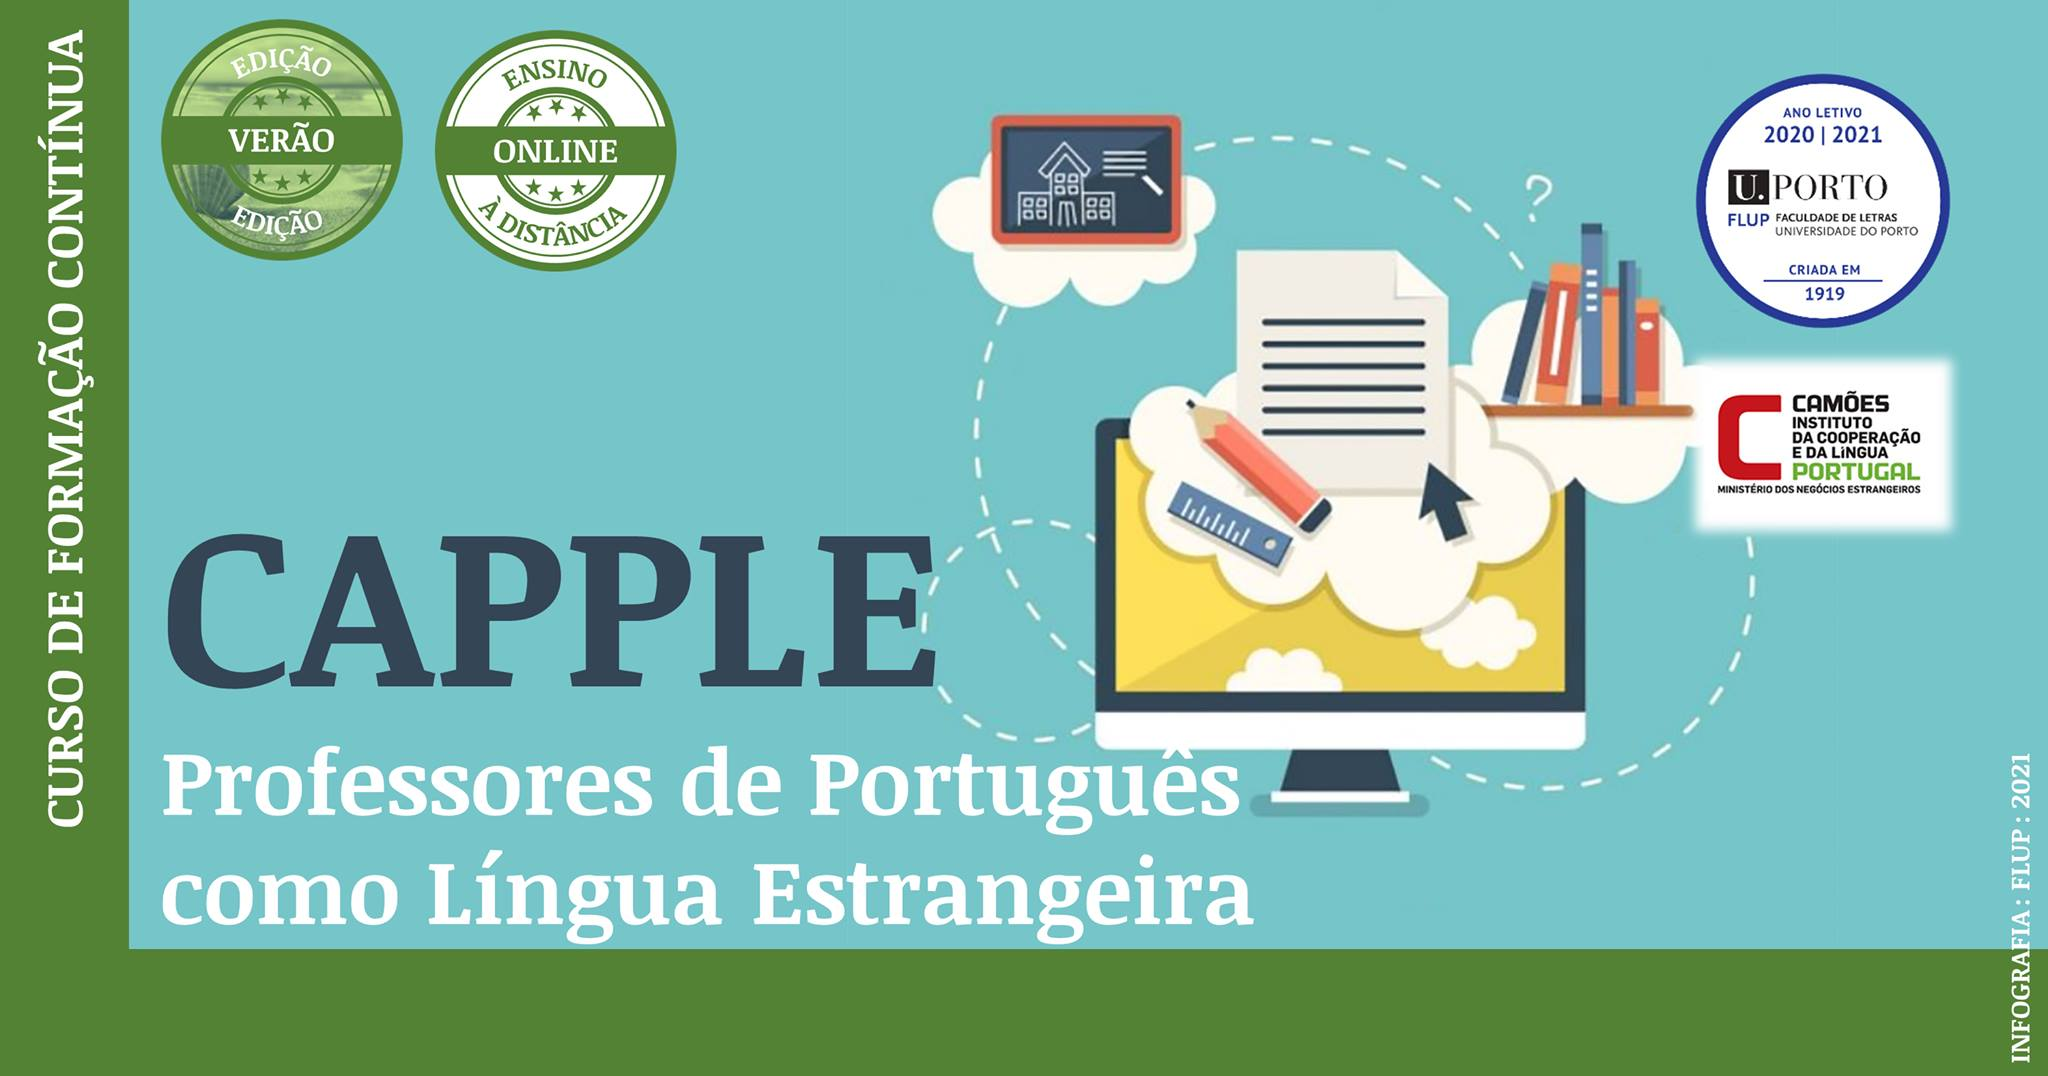 CAPPLE - Professores de Português como Língua Estrangeira